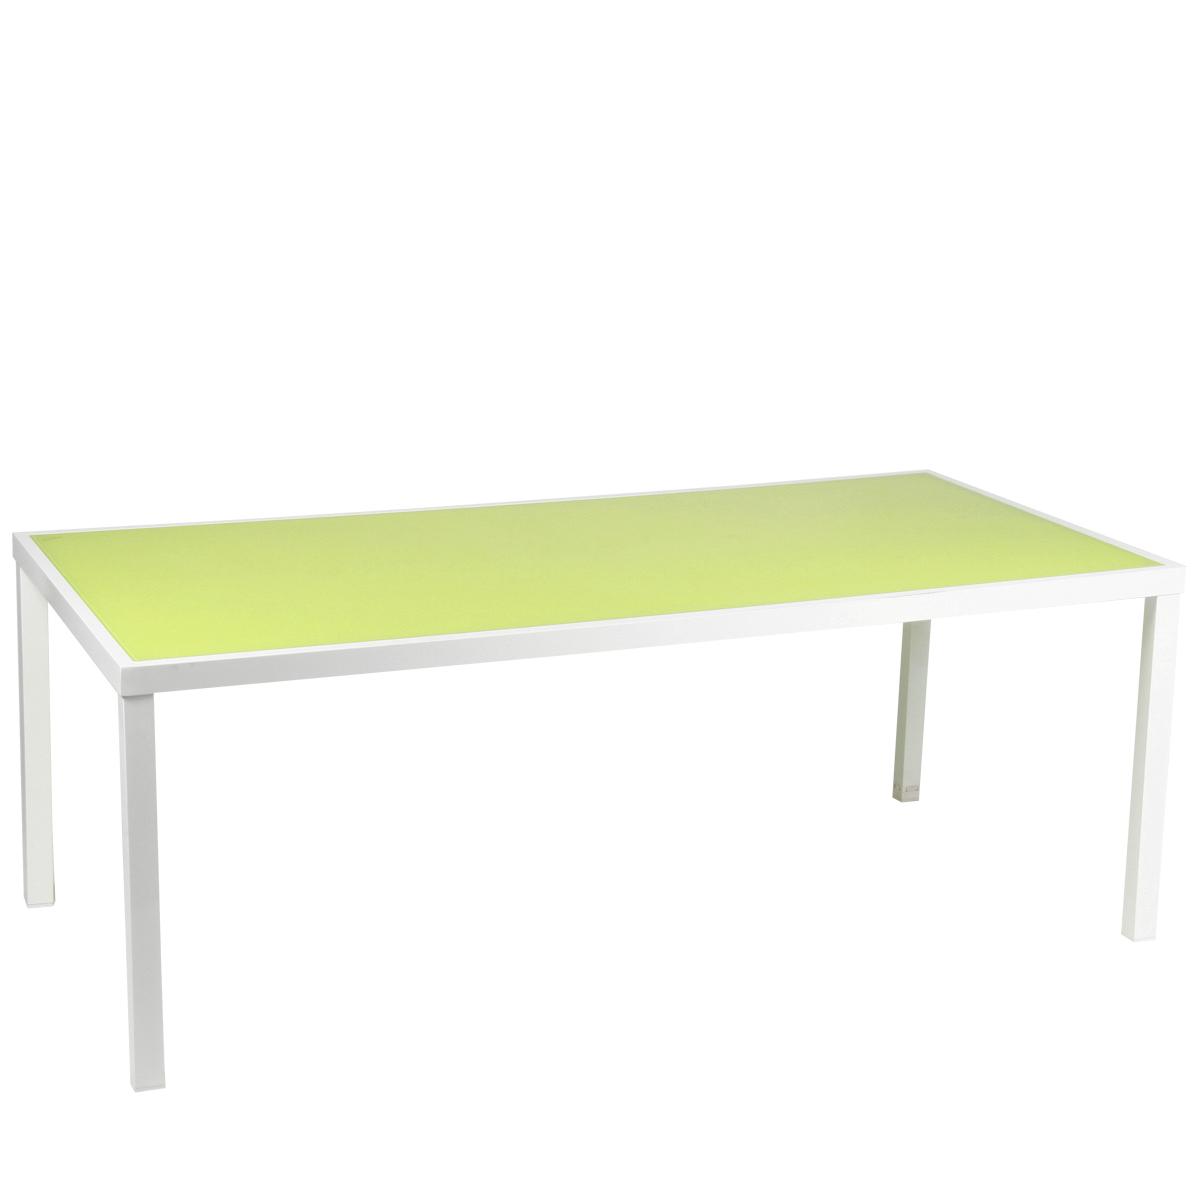 Table stockholm dim 210 x 100 cm aluminum blanc plateau en verre vert jardin for Plateau en verre